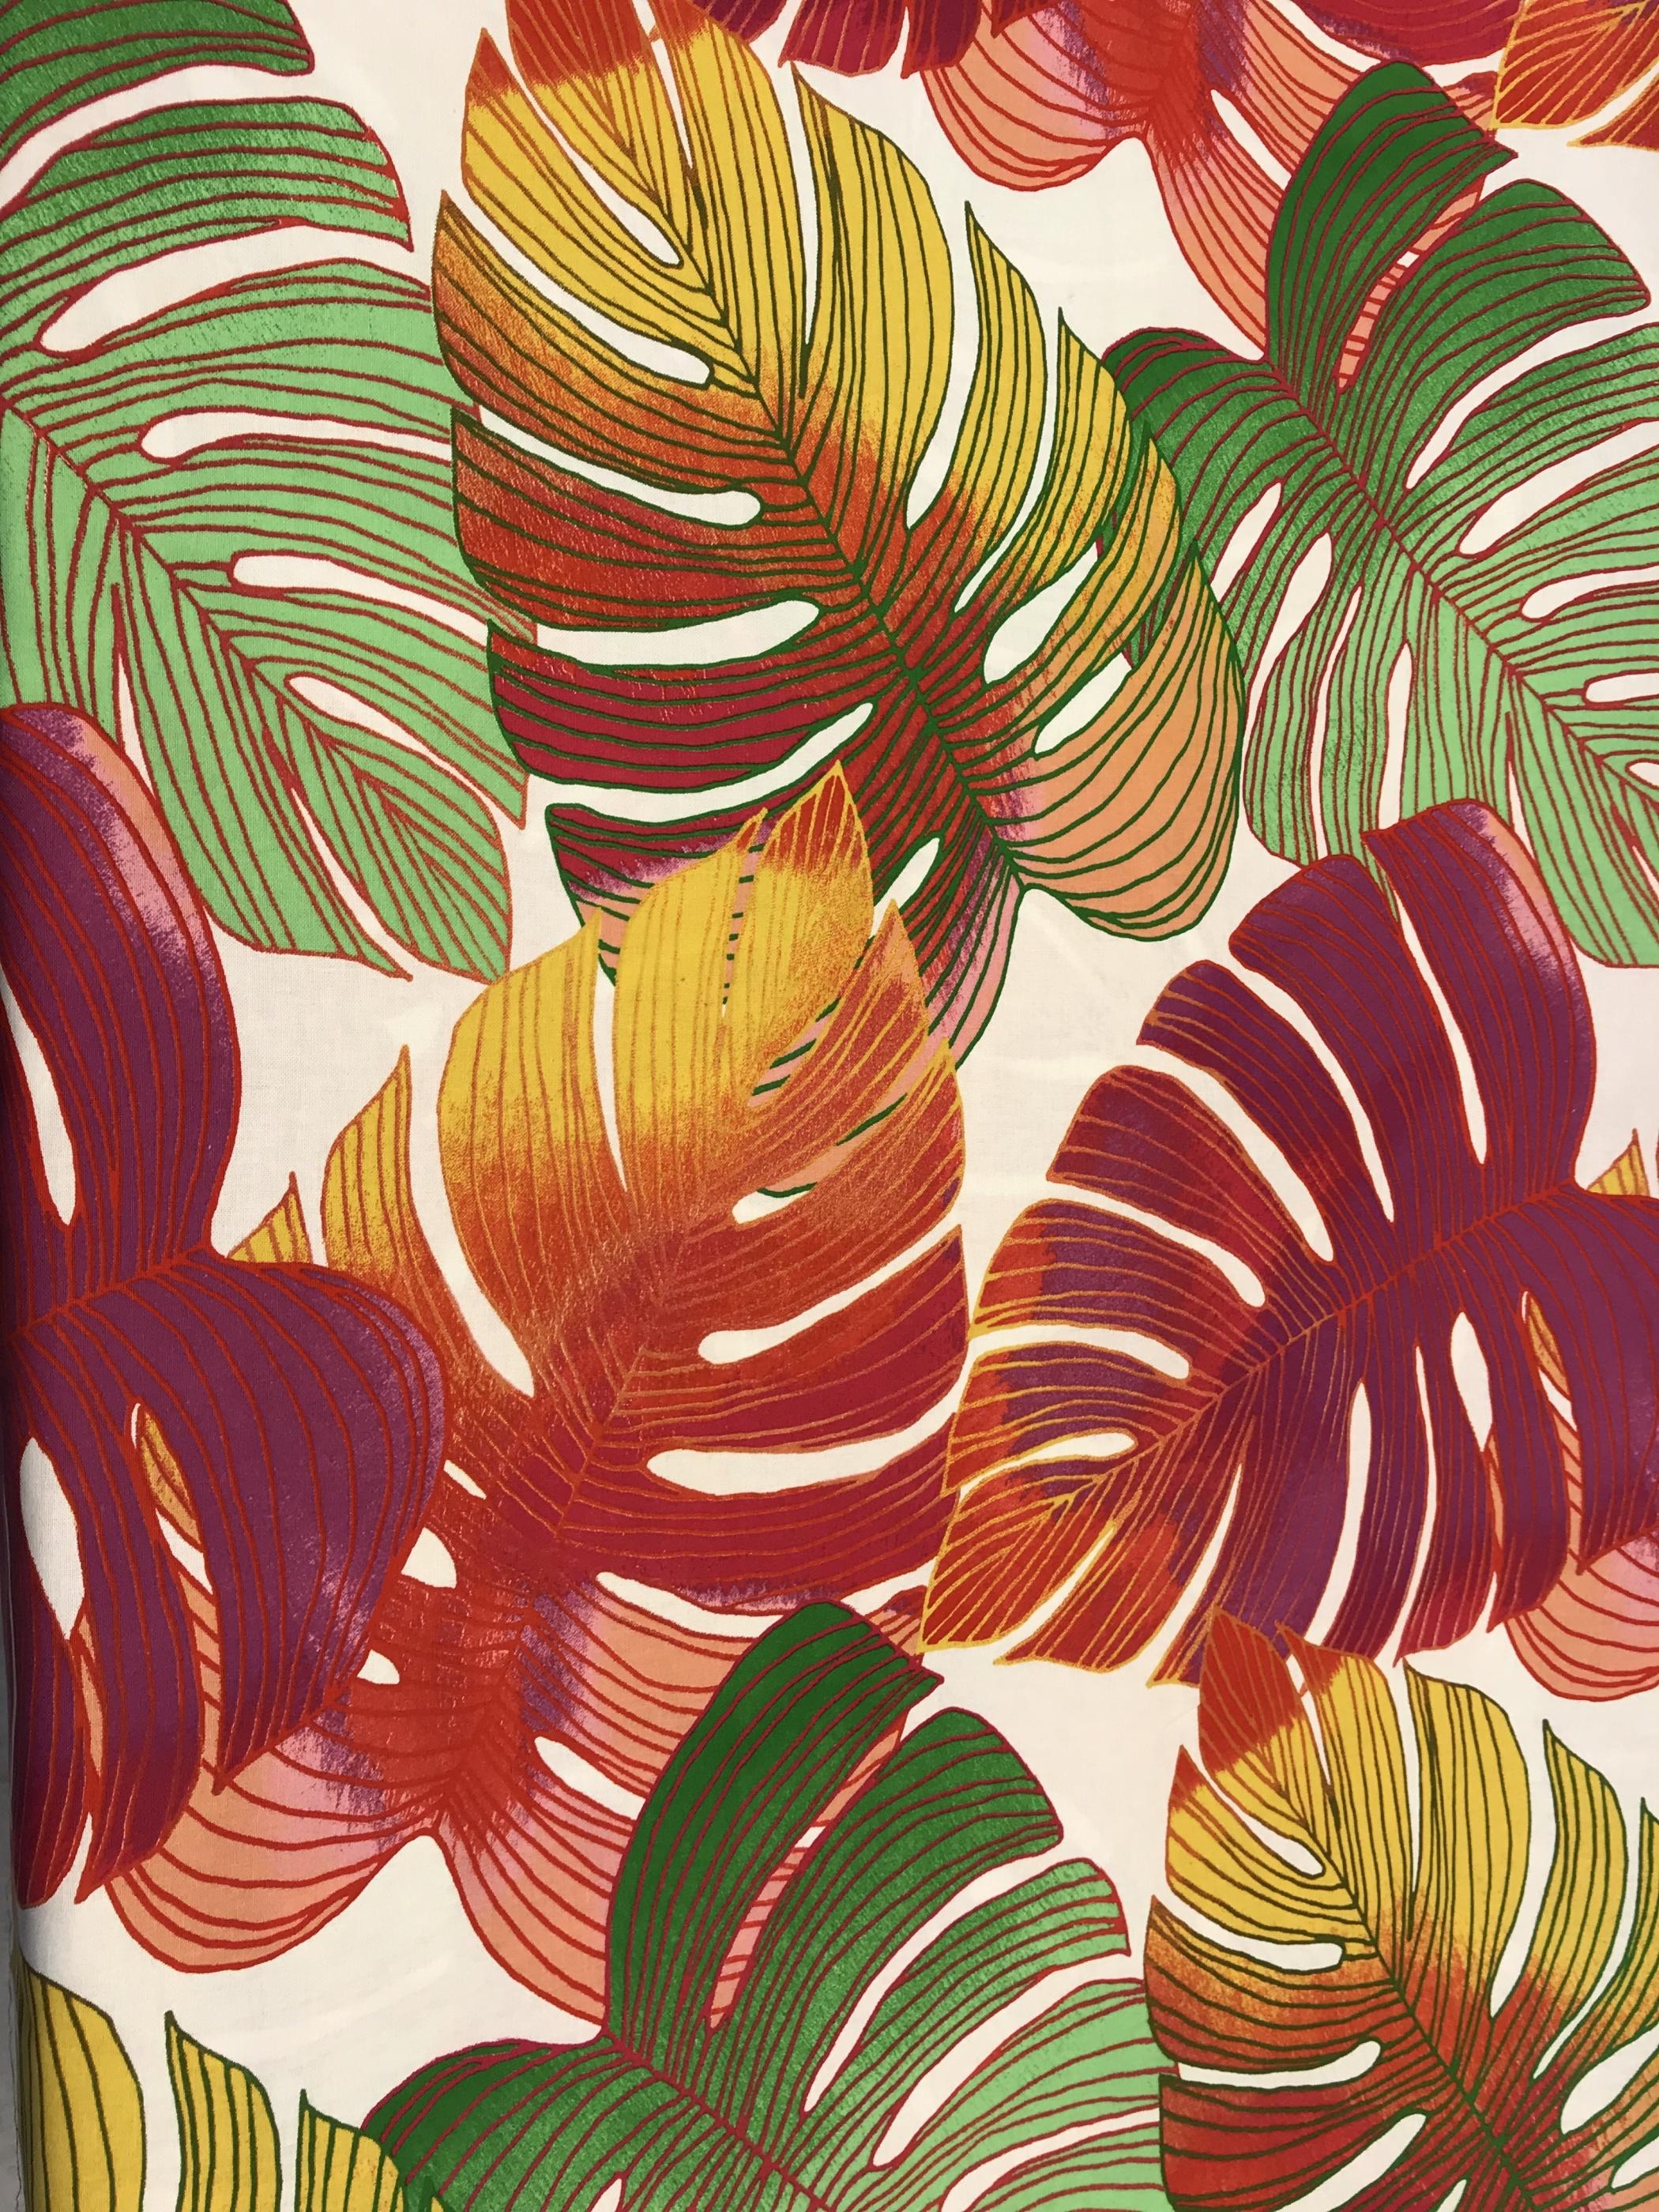 monstrea blad färgglad tyg bomull metervara mode hemtextil